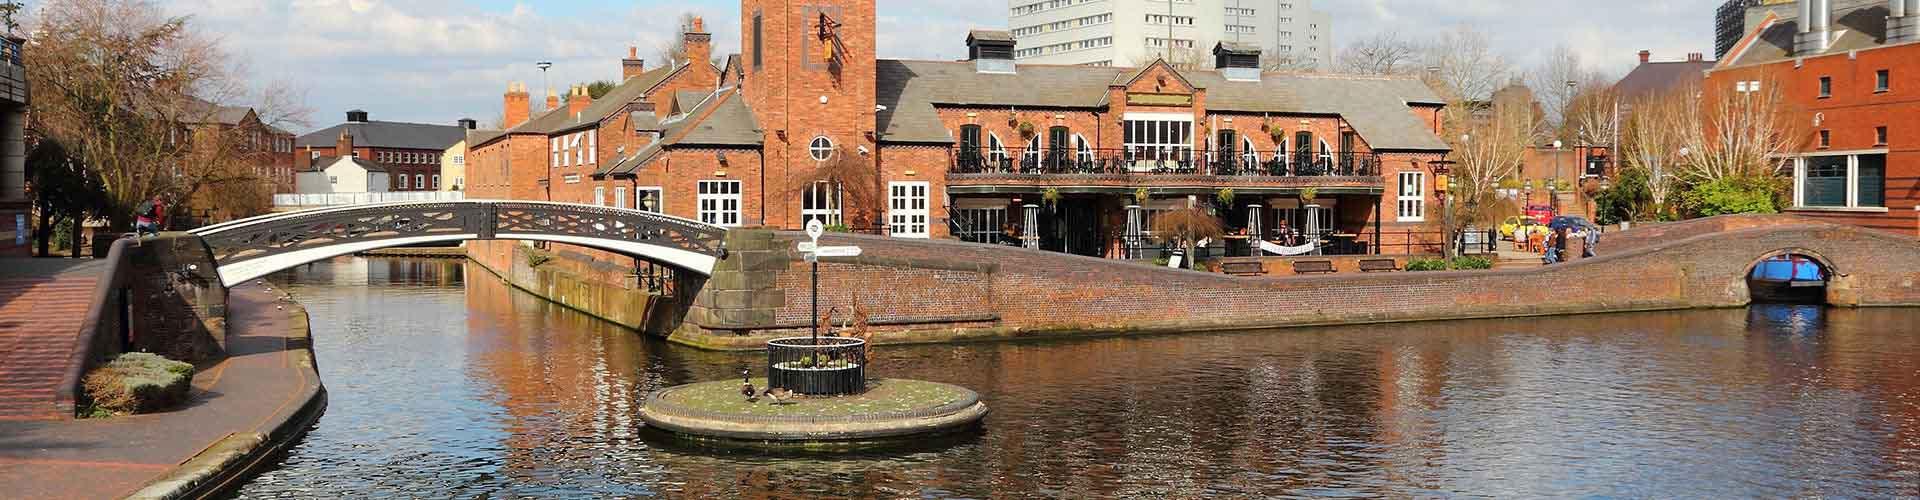 Birmingham - Pokoje w mieście Birmingham, Mapy miasta Birmingham, Zdjęcia i Recenzje dla każdego pokoju w mieście Birmingham.